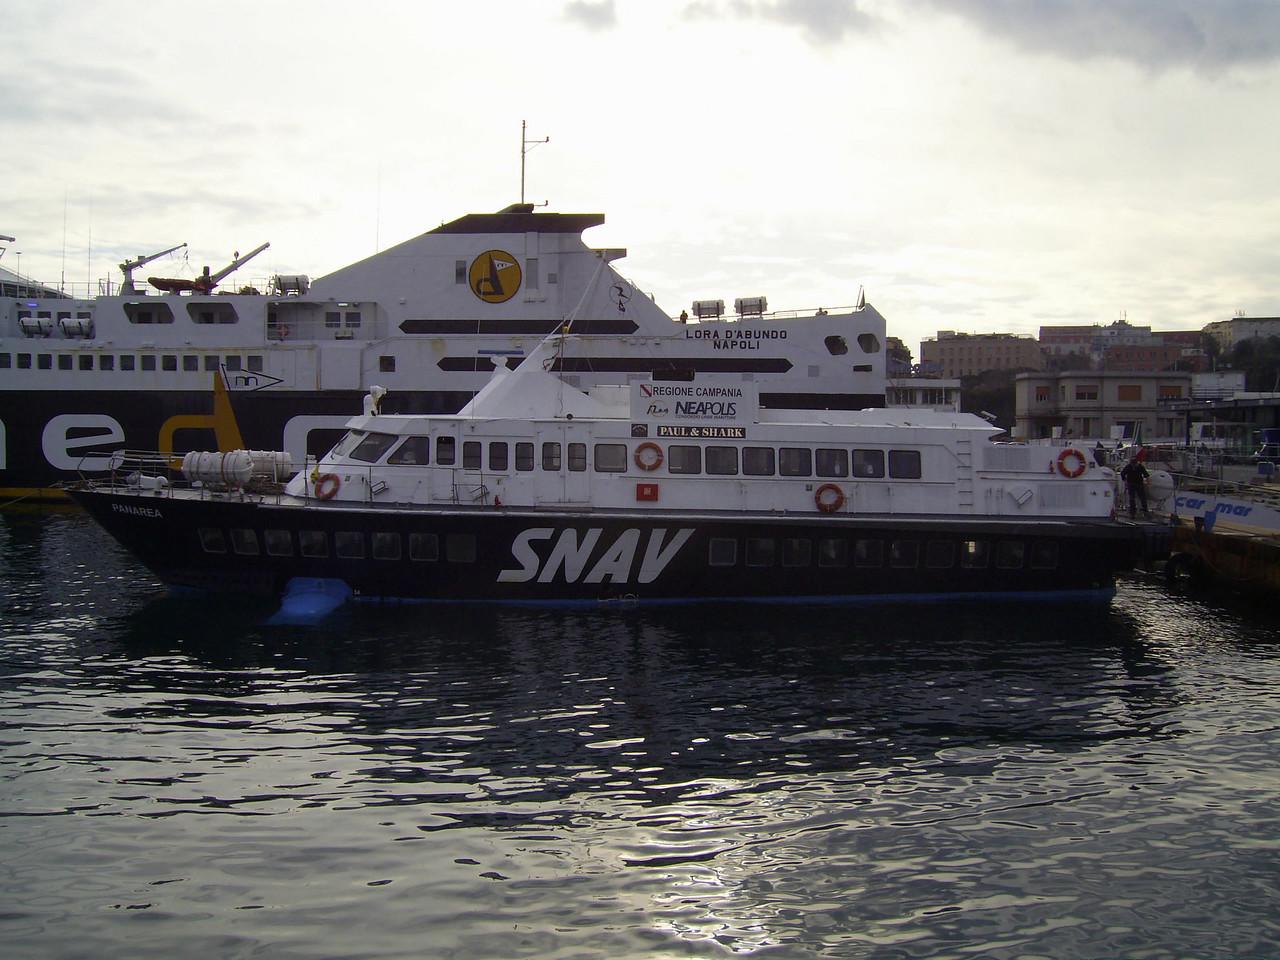 2007 - Hydrofoil PANAREA in Napoli.